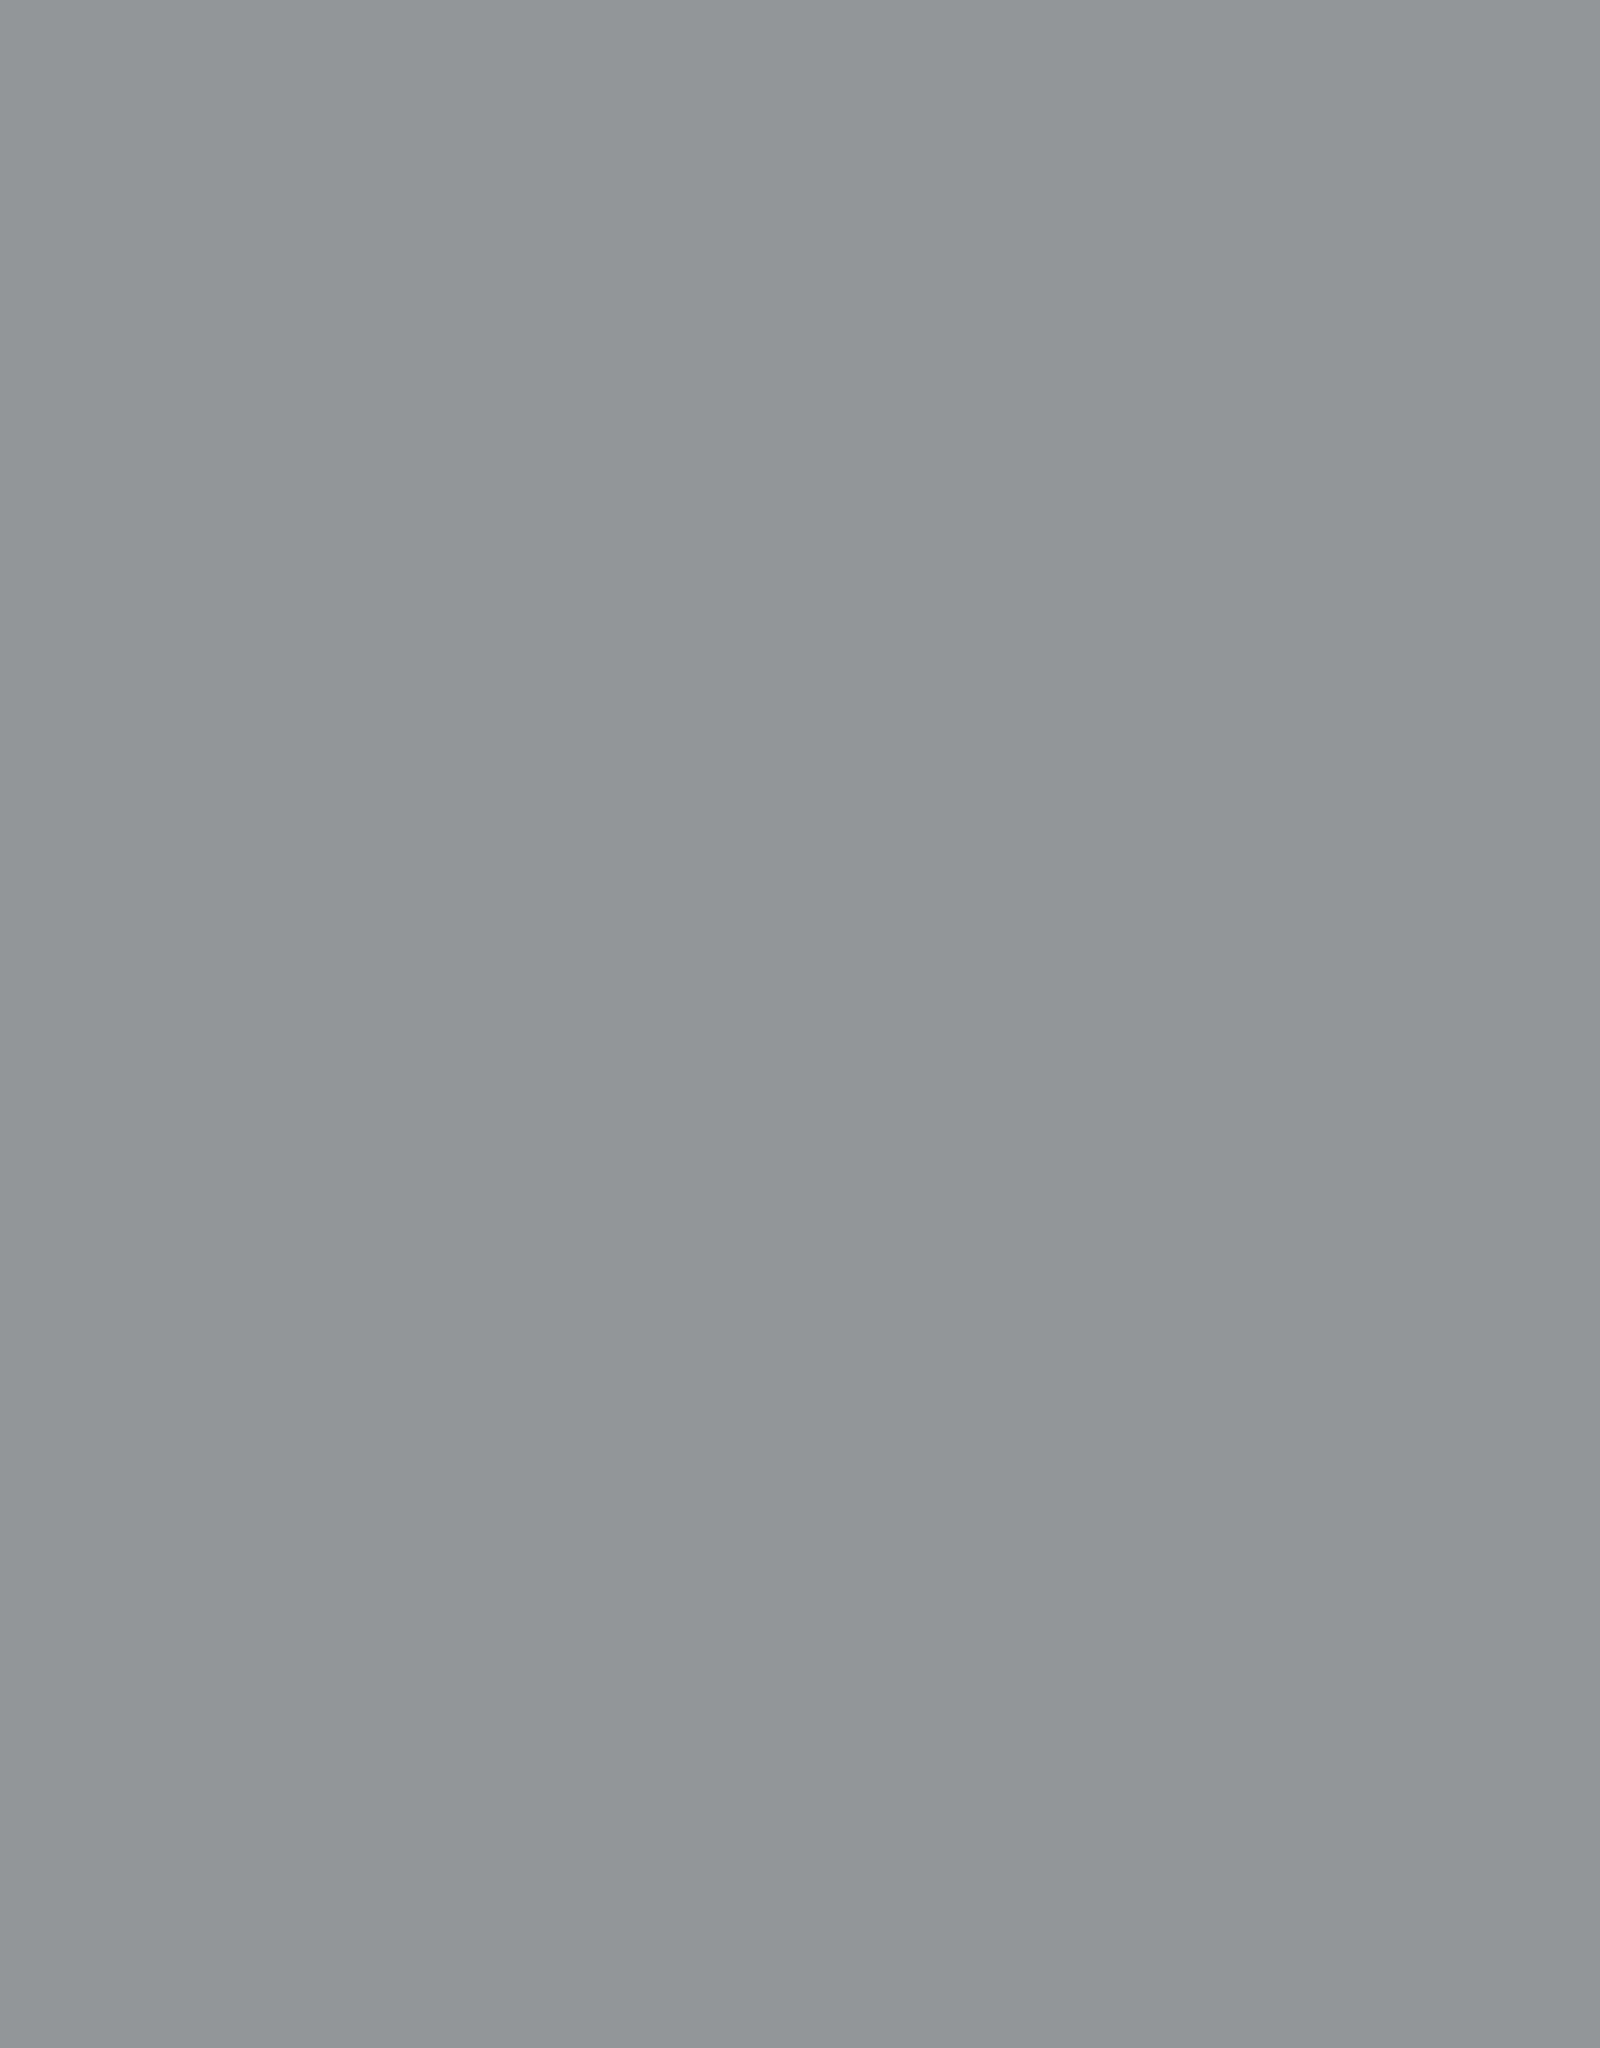 Superior Seamless Superior Seamless 9' Lunar Grey #71